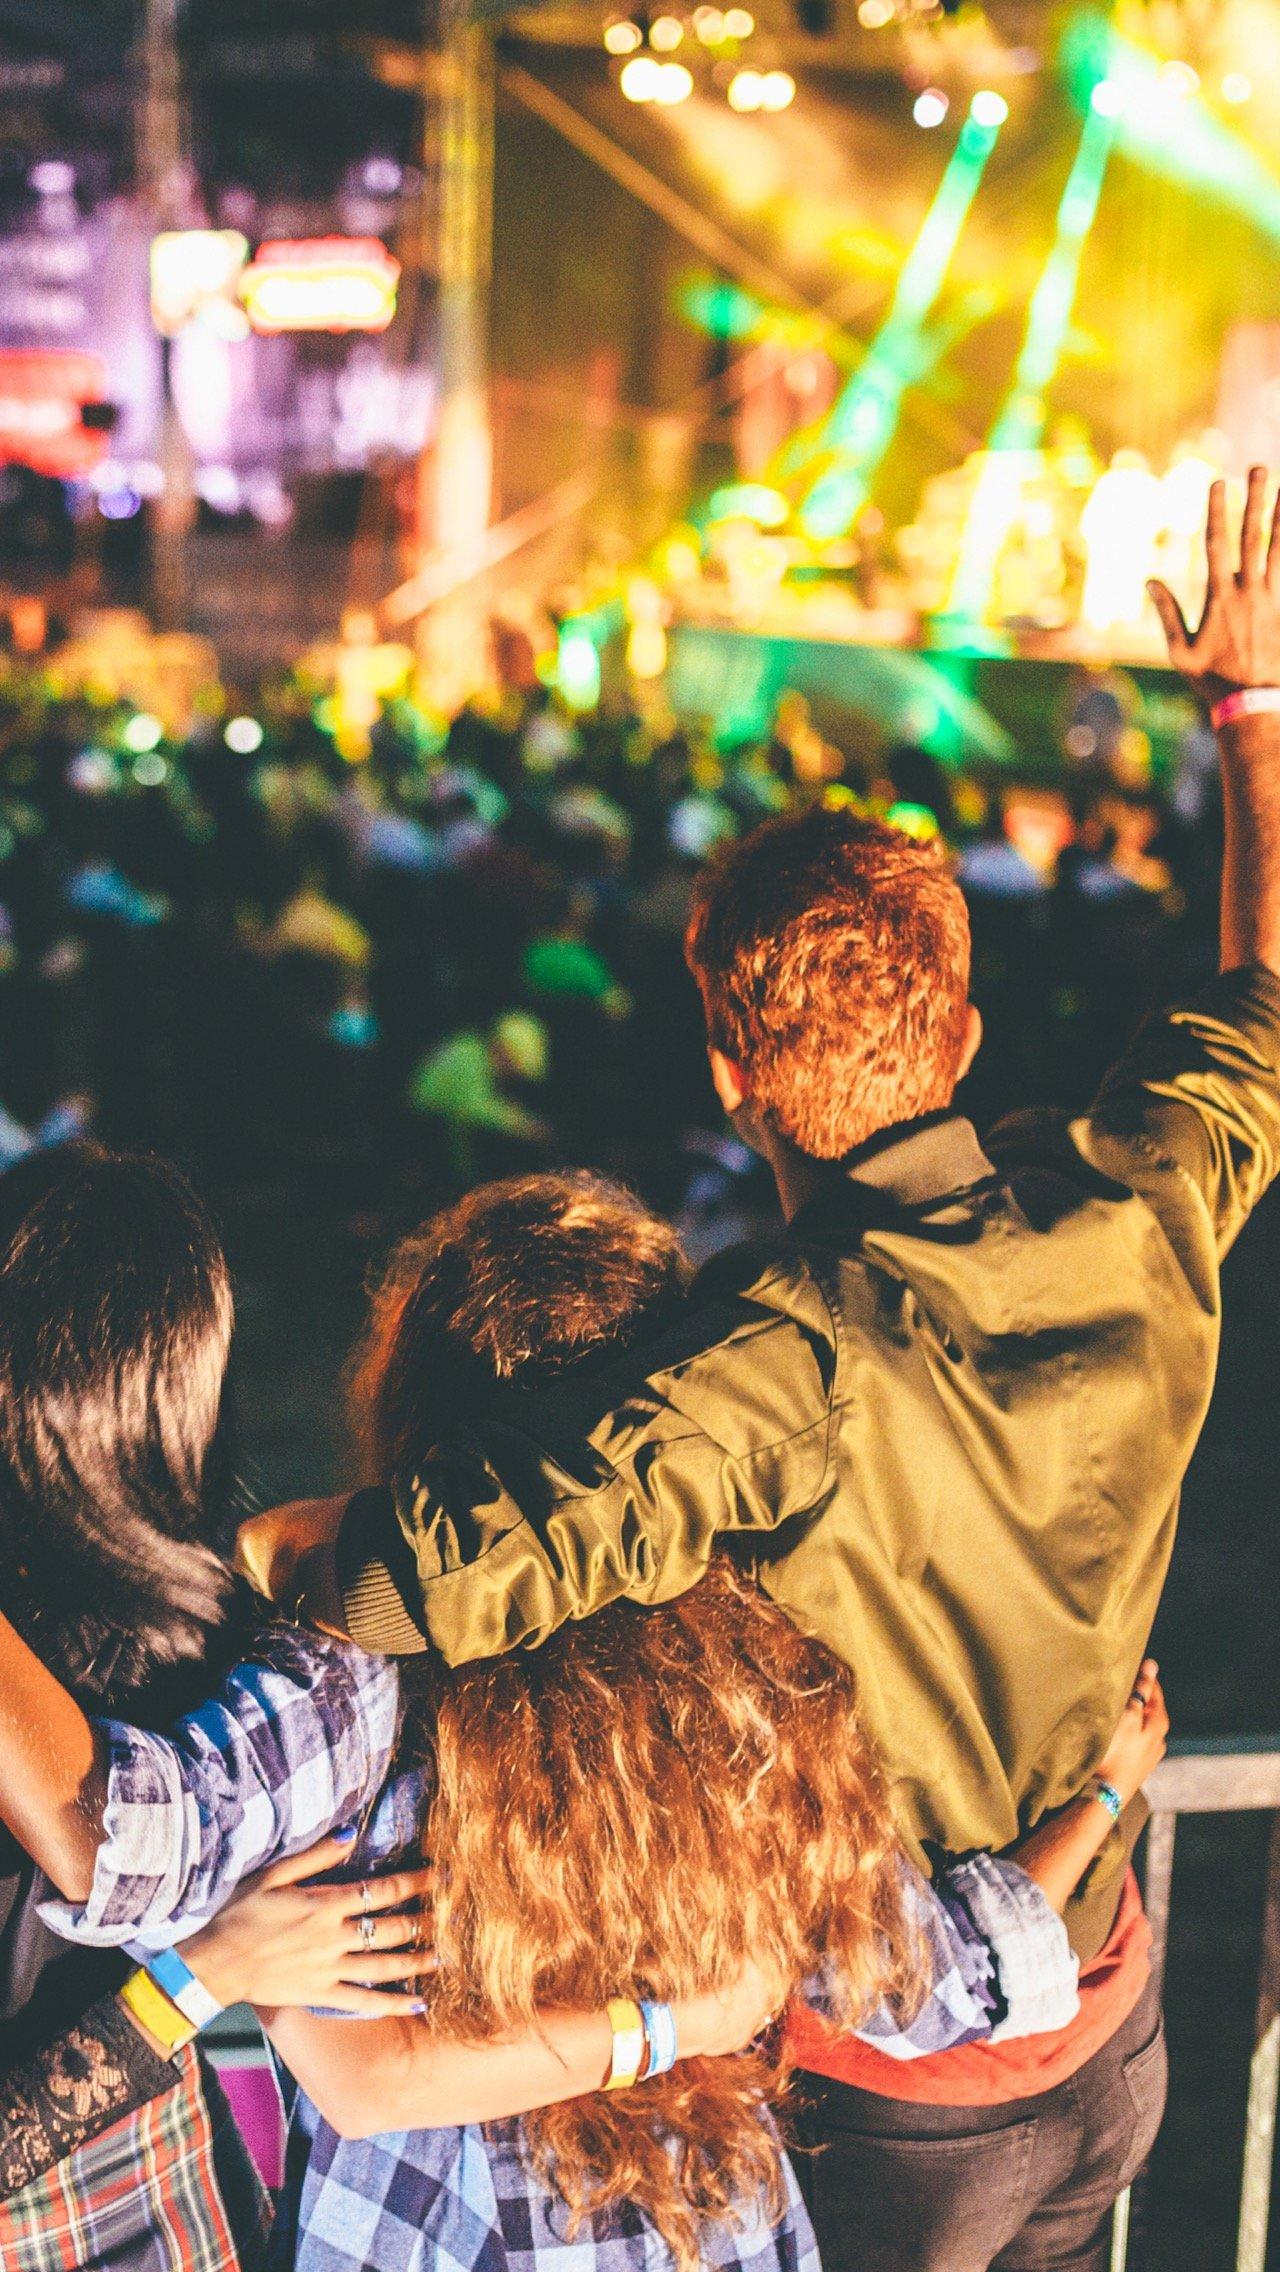 Топ-10 летних музыкальных фестивалей